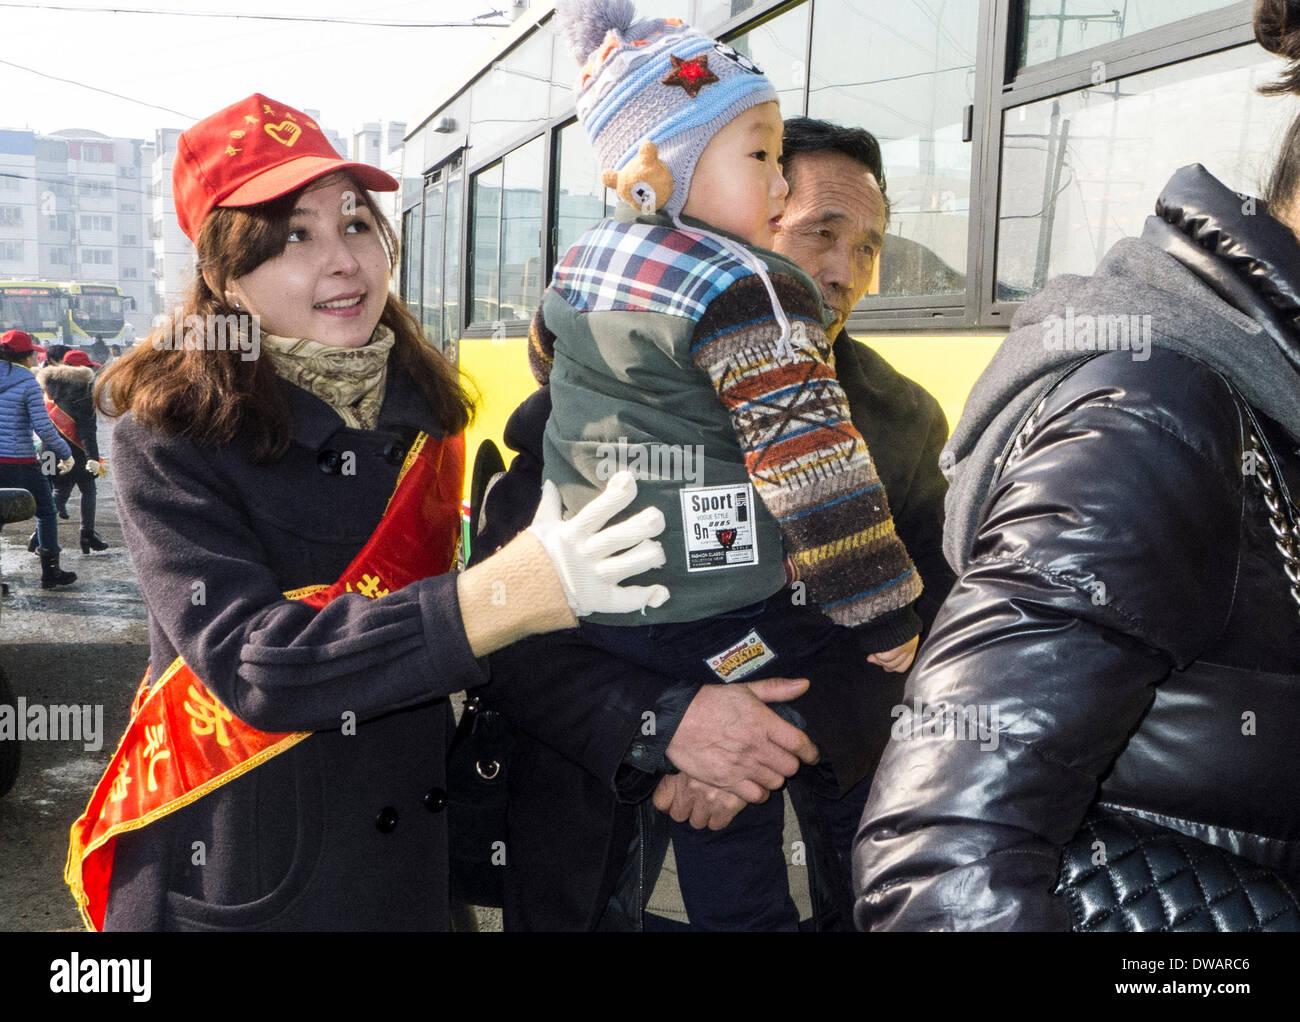 """Urumqi, soldato cinese negli anni sessanta. Il 15 agosto, 1962. Un volontario che aiuta un uomo vecchio e un ragazzo su un autobus in Urumqi, capitale del nord-ovest della Cina di Xinjiang Uygur Regione autonoma, 5 marzo 2014, in occasione della """"Lei Feng's Day"""", che cade il 5 marzo di ogni anno. Lei, un giovane soldato cinese negli anni sessanta, è noto per aver dedicato quasi tutto il suo tempo di ricambio e denaro per aiutare disinteressatamente i bisognosi. Egli è morto dopo essere stato colpito da una caduta di pole mentre aiutando un compagno soldato dirigere un carrello su 15 Agosto 1962. Credito: Wang Fei/Xinhua/Alamy Live News Immagini Stock"""